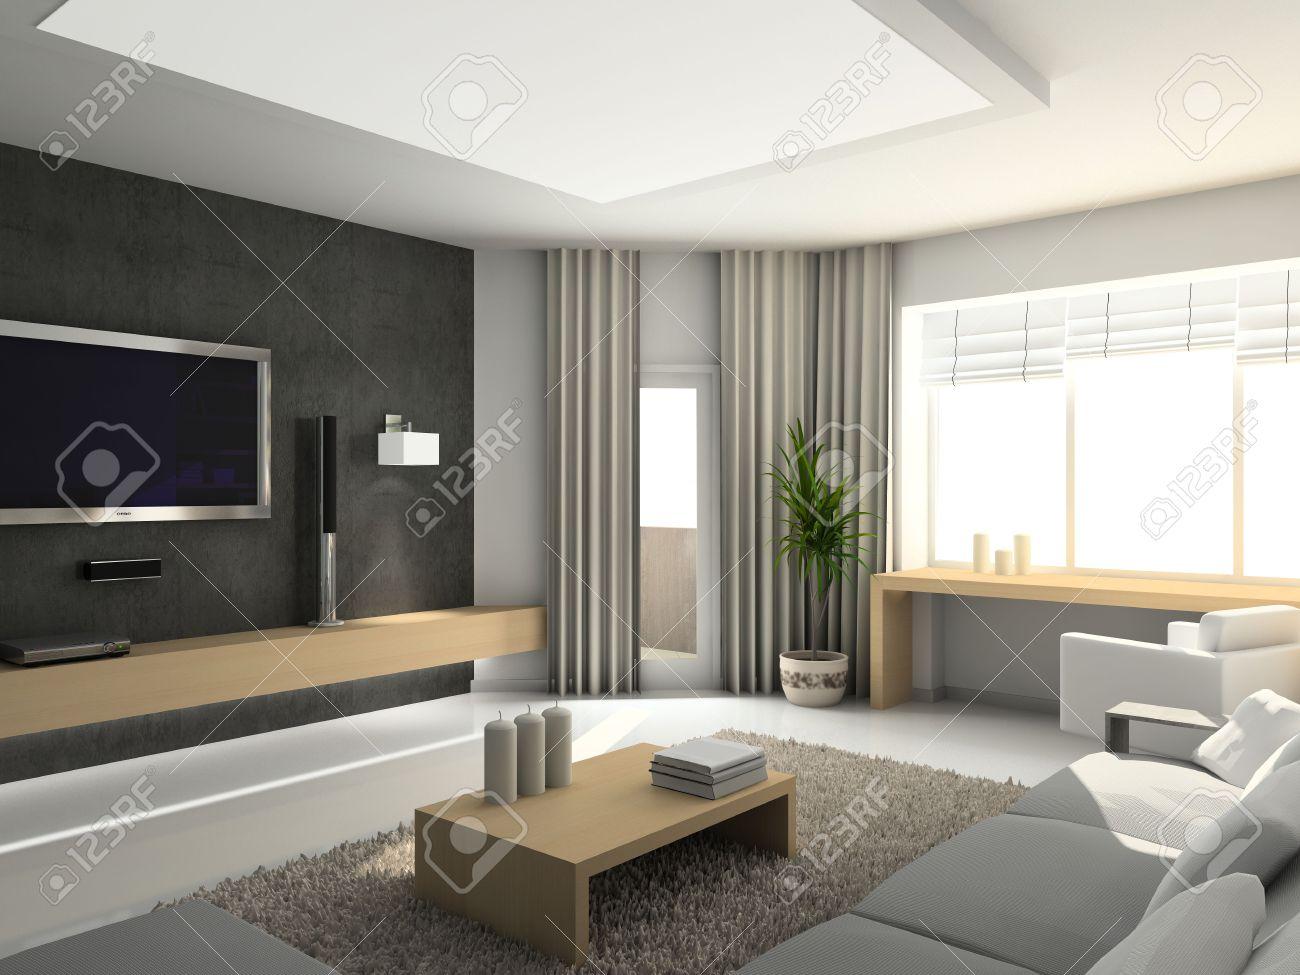 Teppich wohnzimmer braun: p,fefabb,dfbd ,edler designer teppich ...